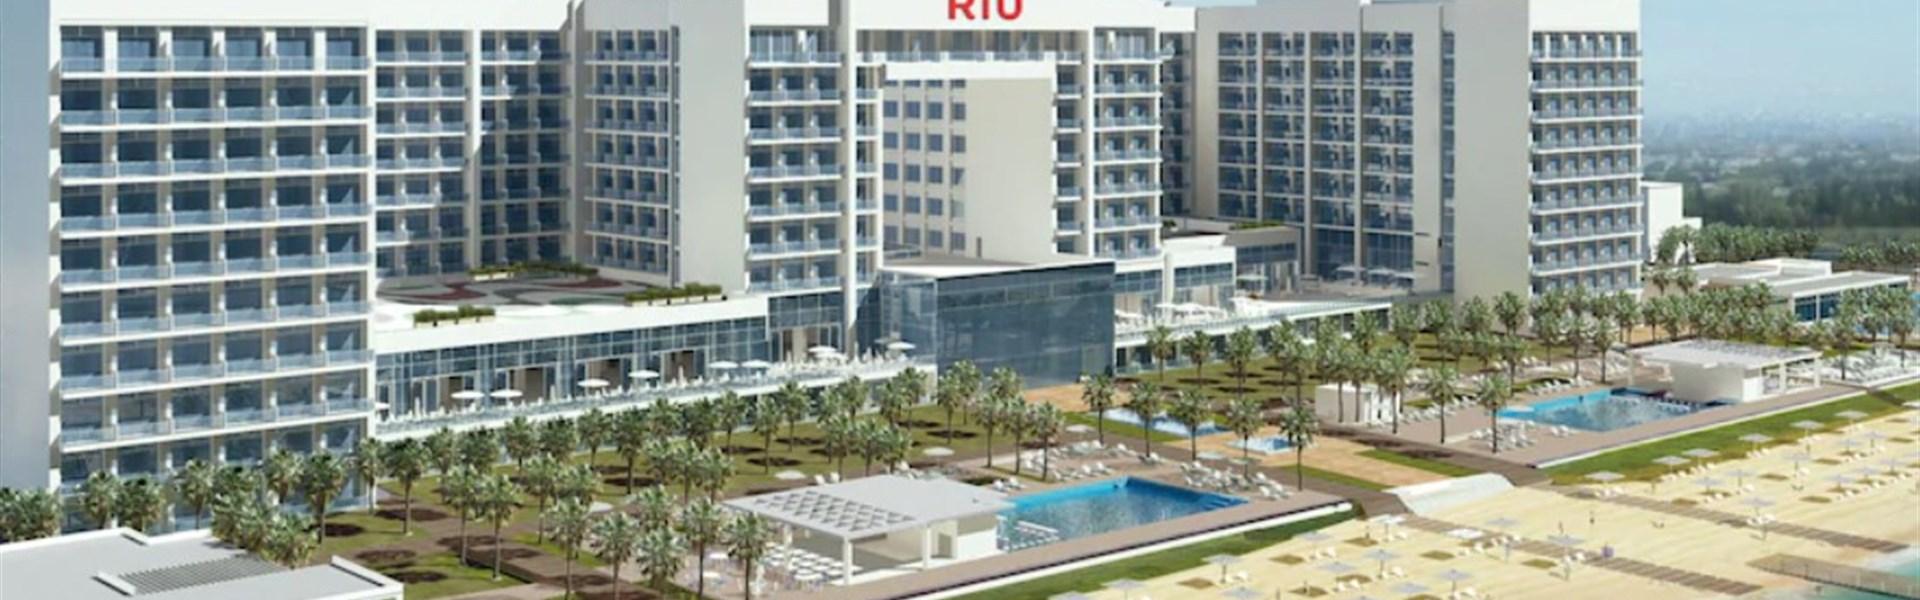 RIU Dubai 4* - all inclusive -